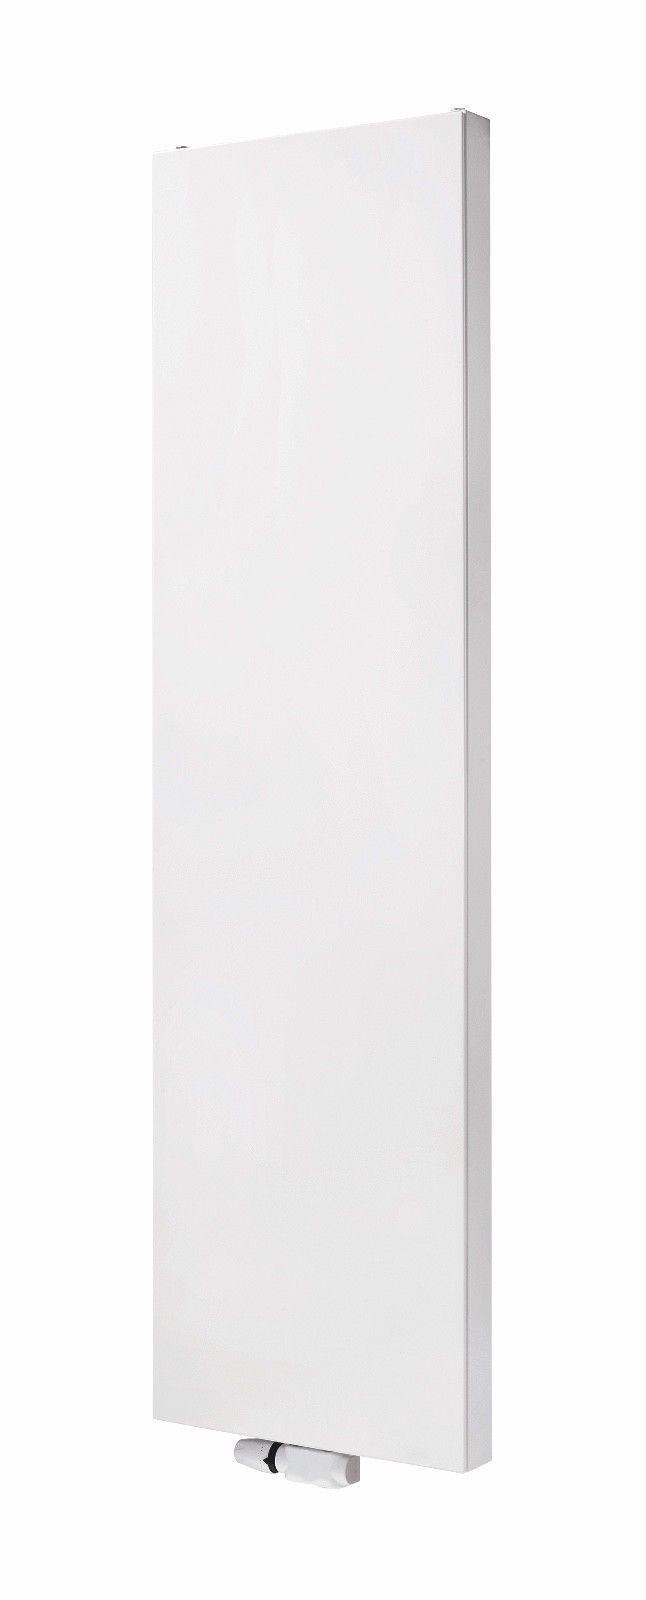 Doppellagig Heizung Vertikal PLAN / Heizkörper Mittelanschluss Mittelanschluss Mittelanschluss Glatt Designer 5fde5f